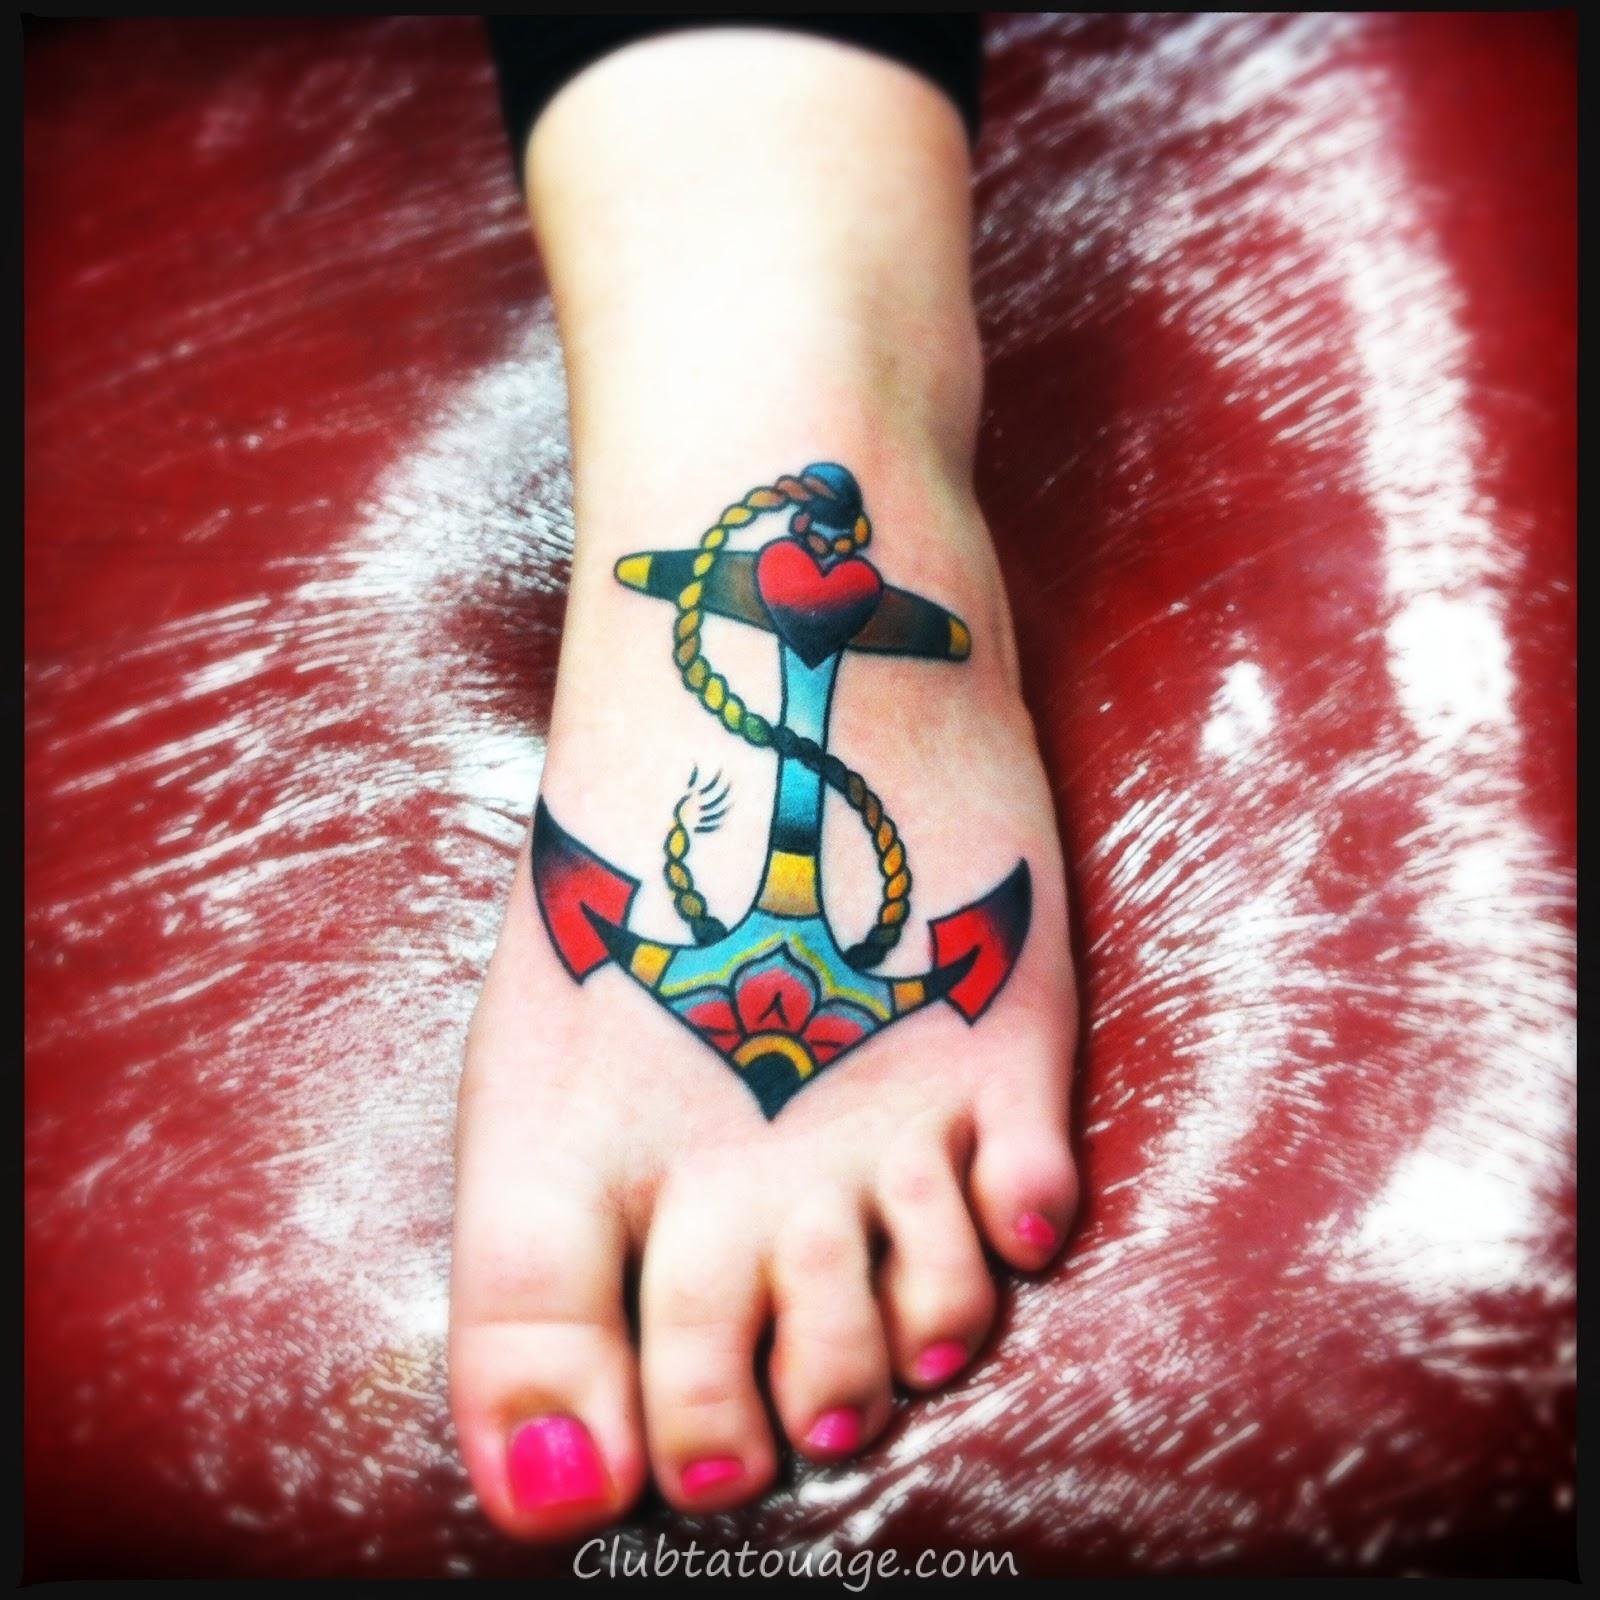 les meilleurs tatouages des ancres, nous voyons une fille avec un beau tatouage et